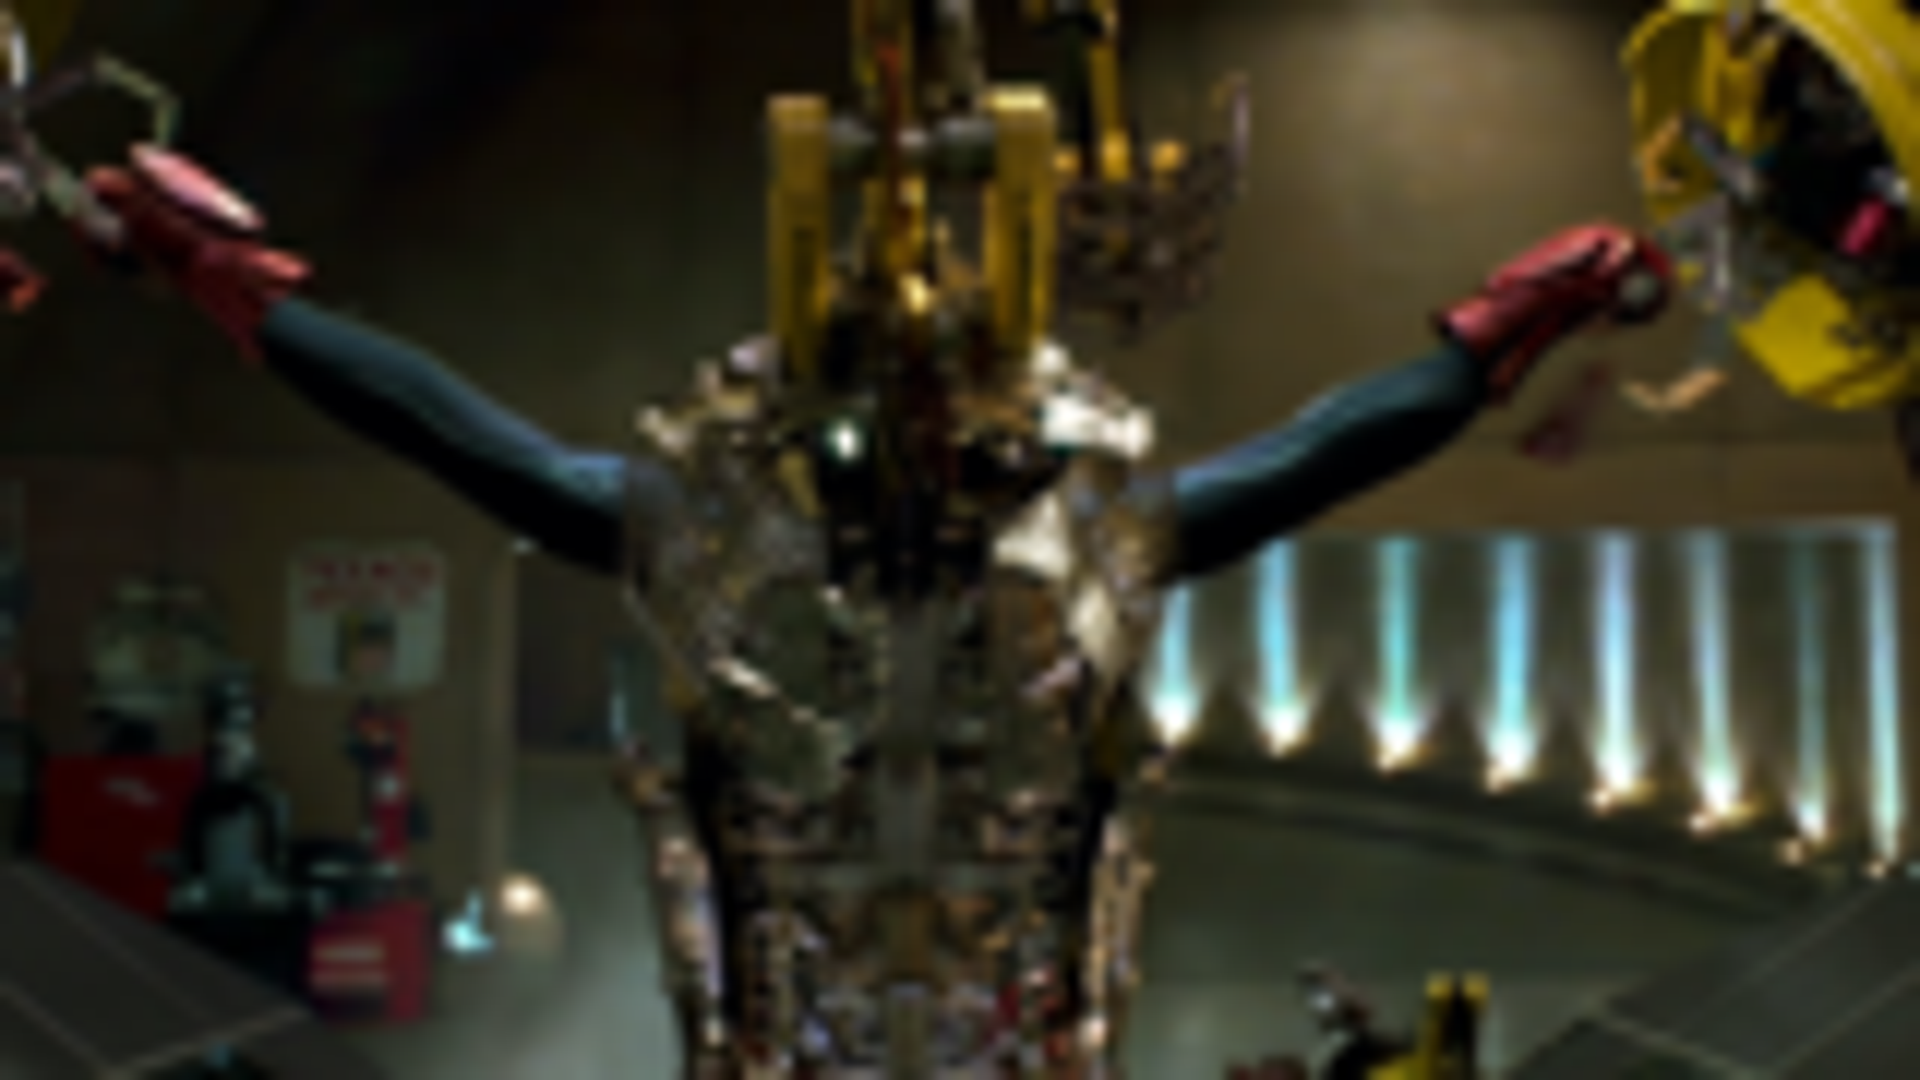 60帧钢铁侠1变身,还是感觉这个变身帅,比较有机械感